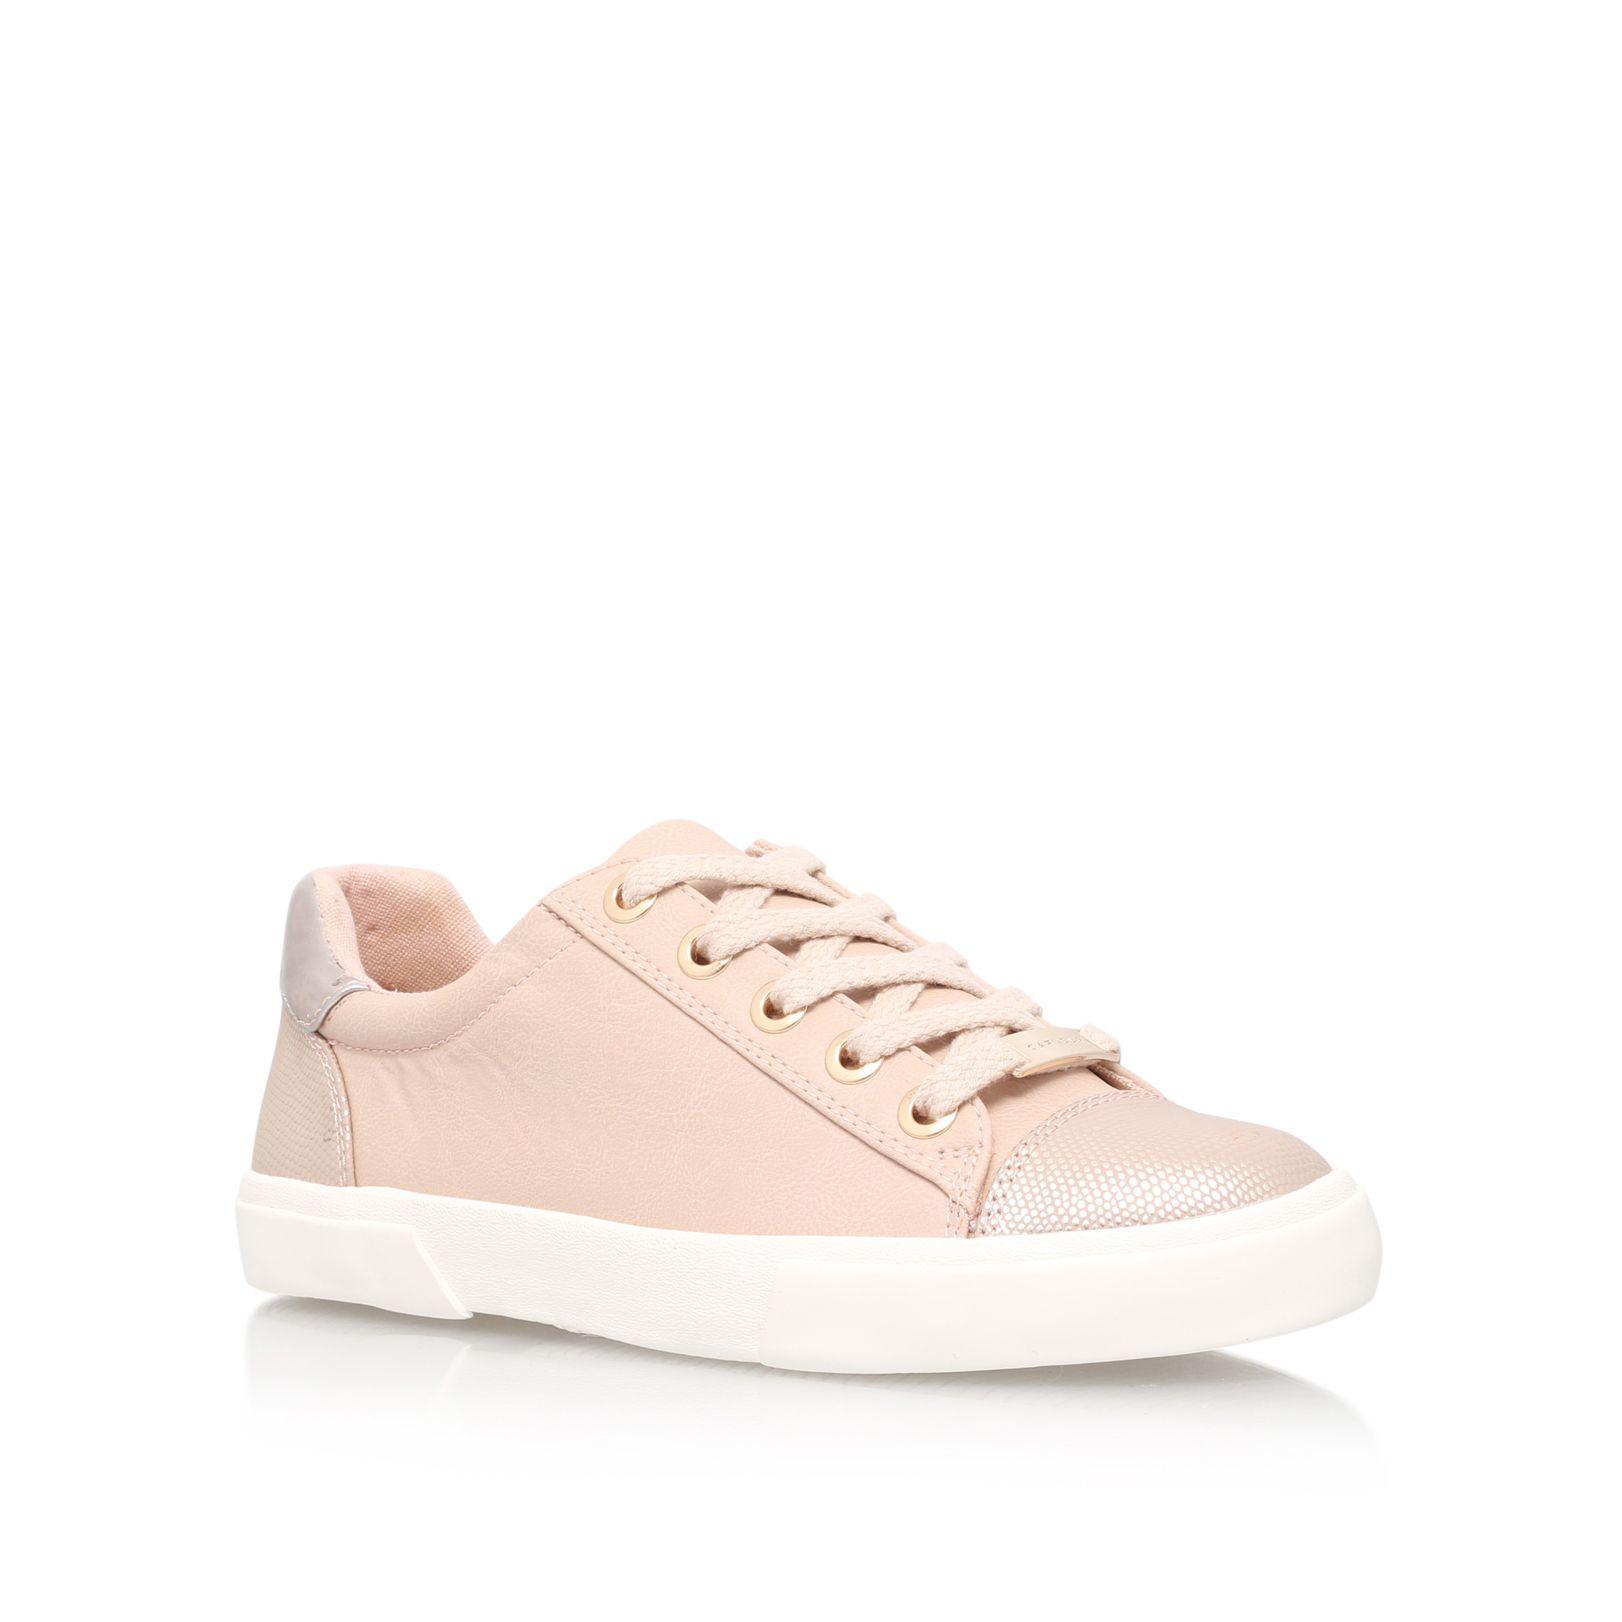 Kurt Geiger Uk Womens Shoes